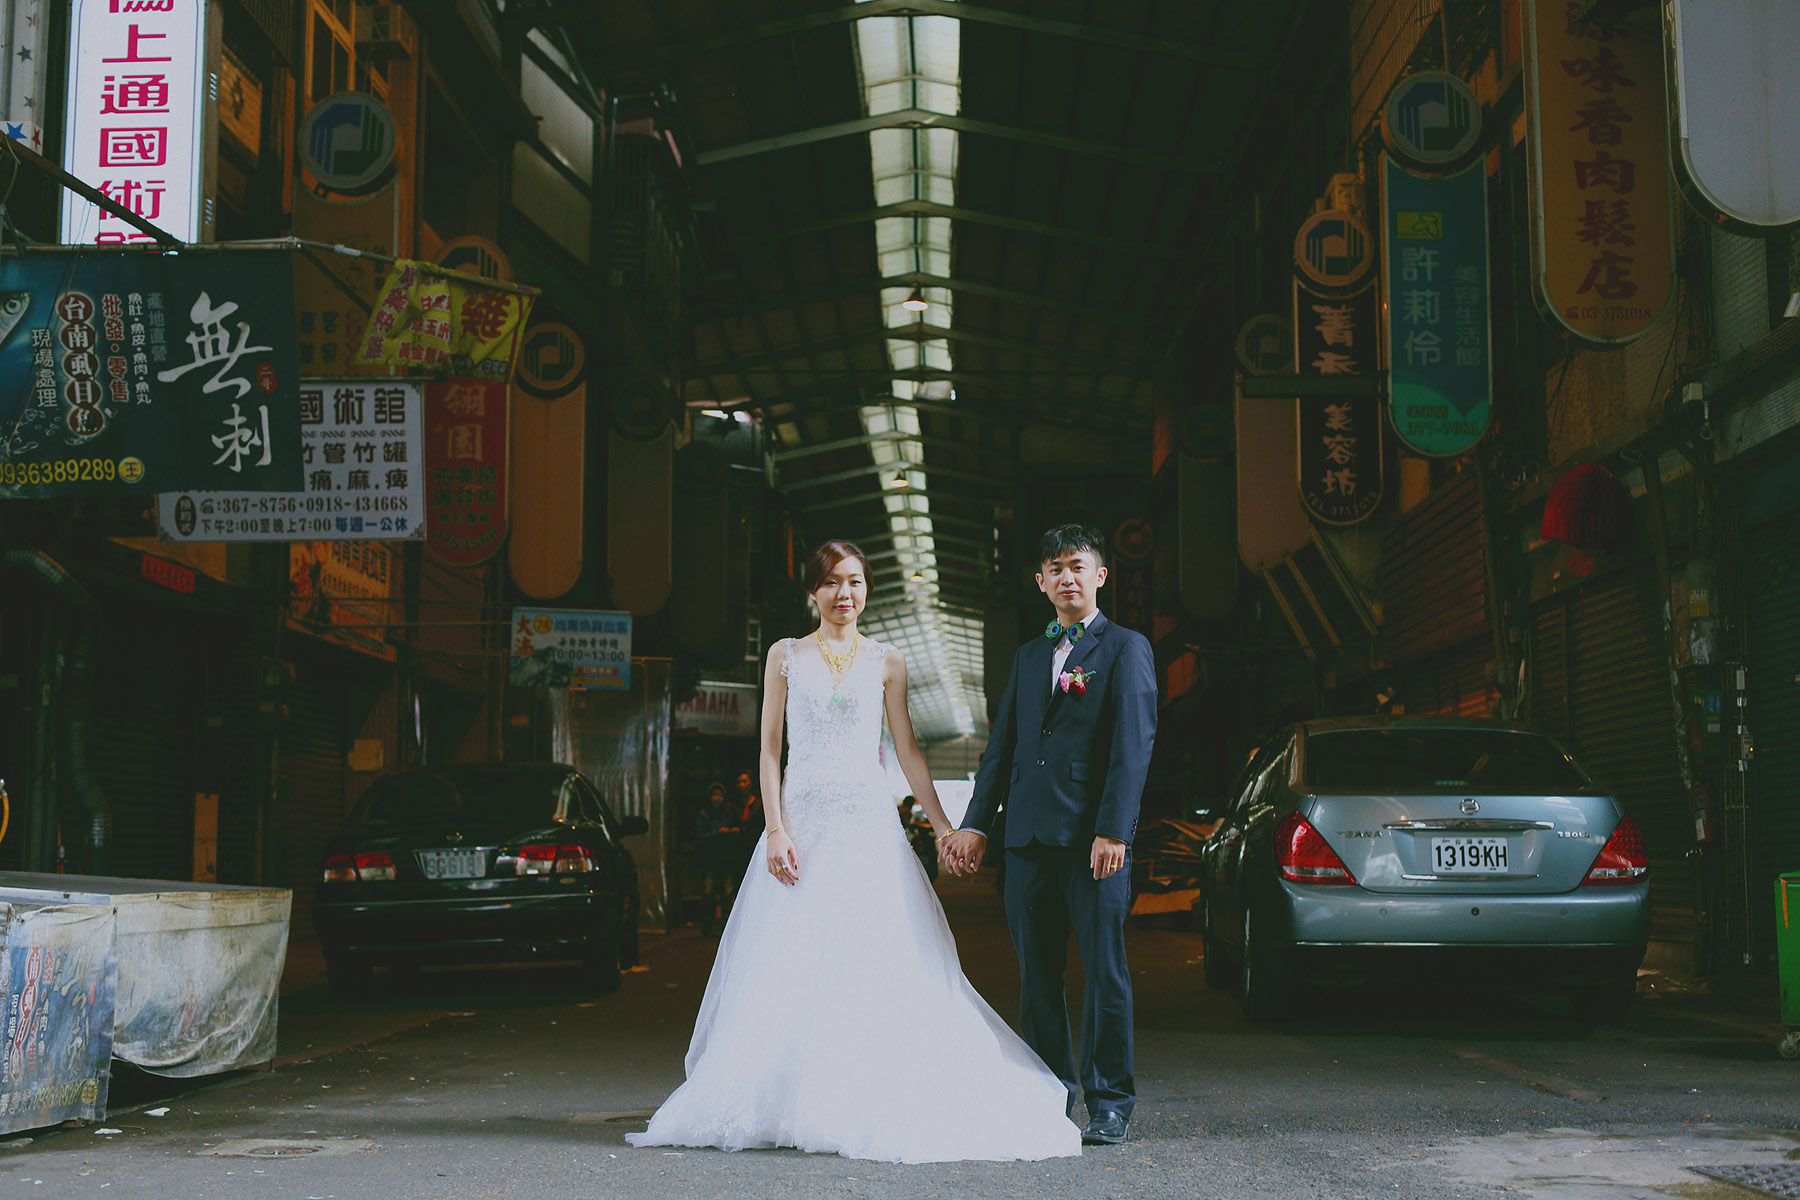 婚禮籌備,婚禮規劃,宴客活動,進場,底片婚攝,婚禮攝影師推薦,電影風格,婚攝,婚紗照